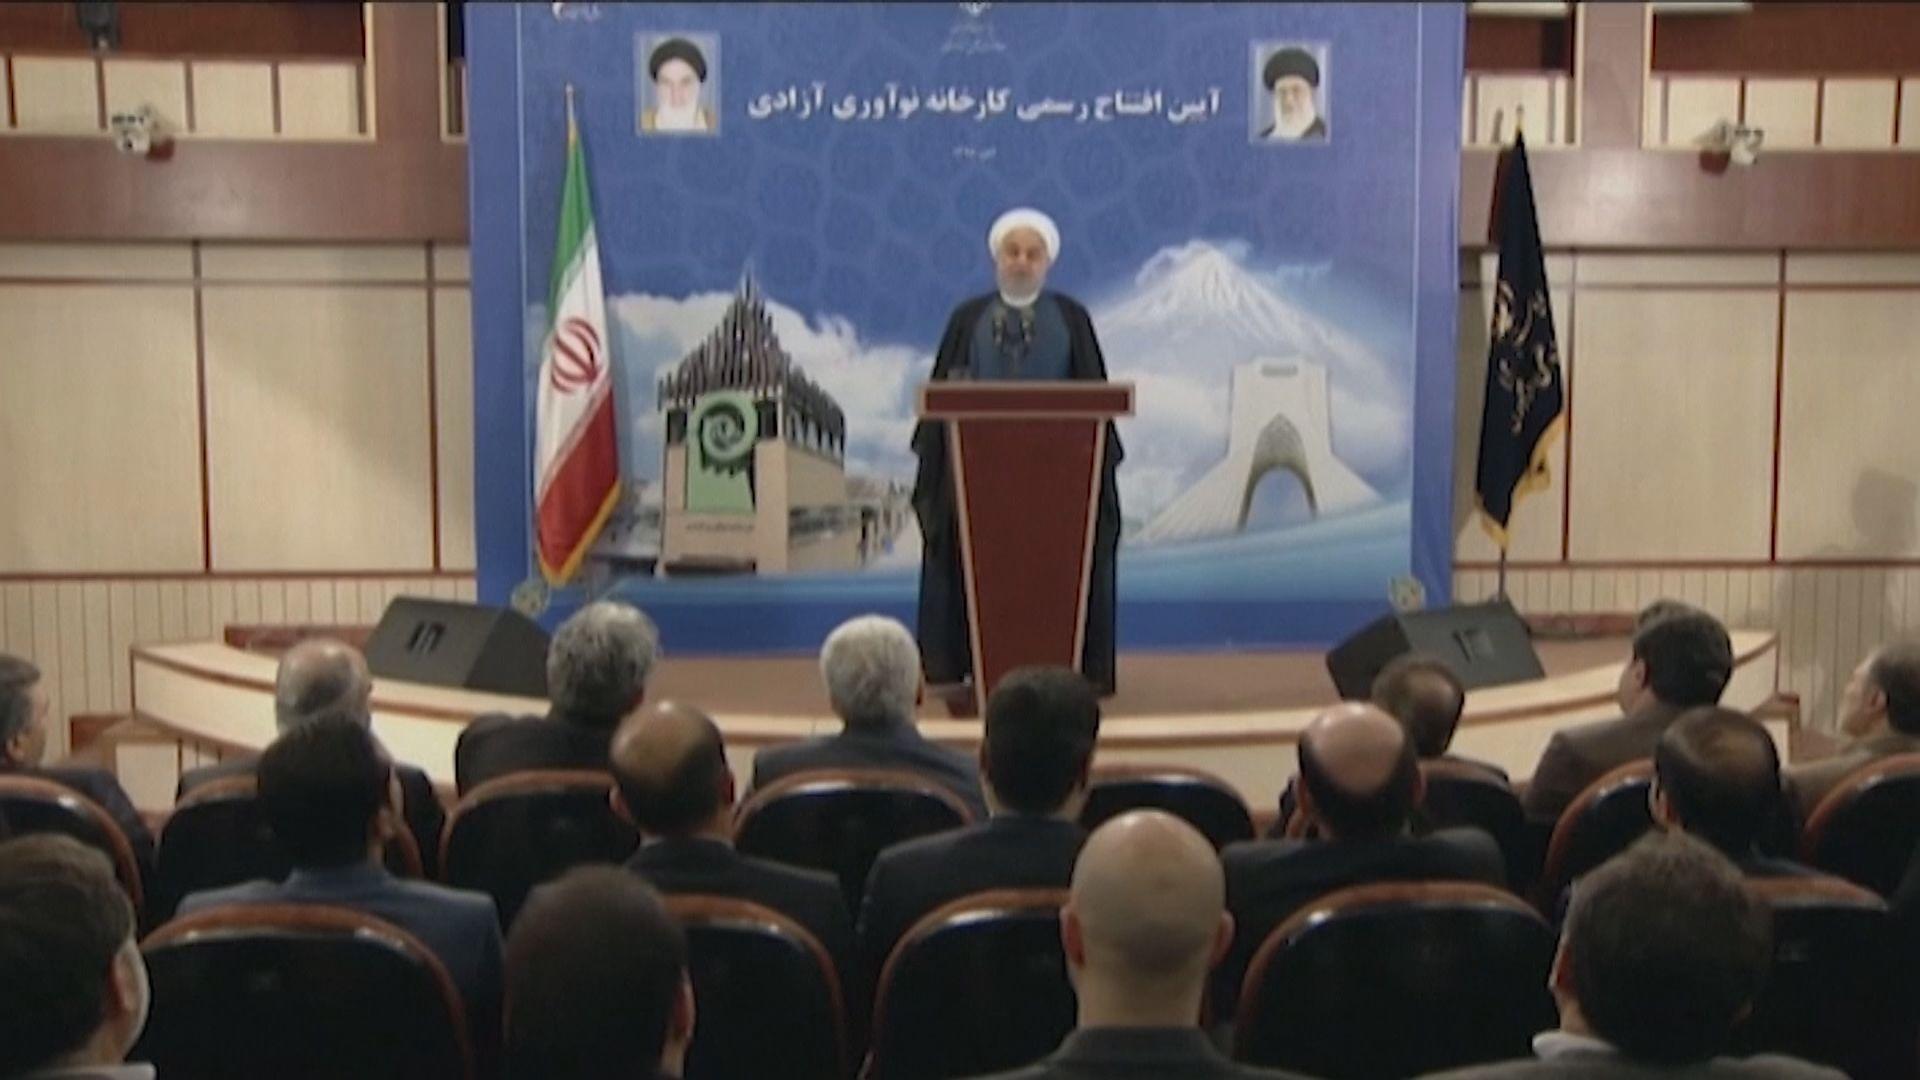 伊朗明起把鈾氣體注入逾千部離心機